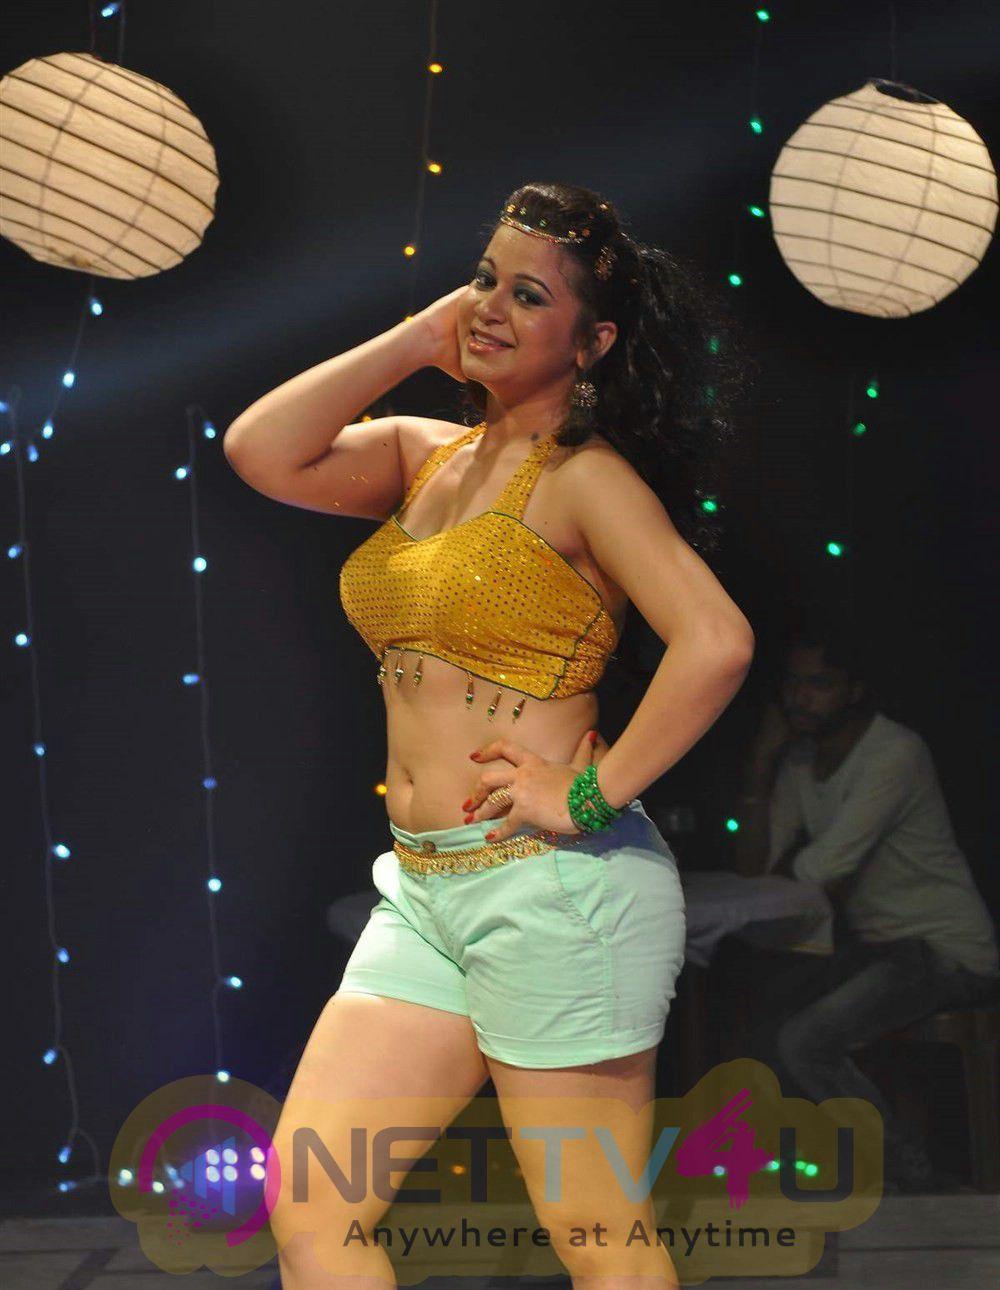 Tamil Actress Priya Asmitha Hot Stills